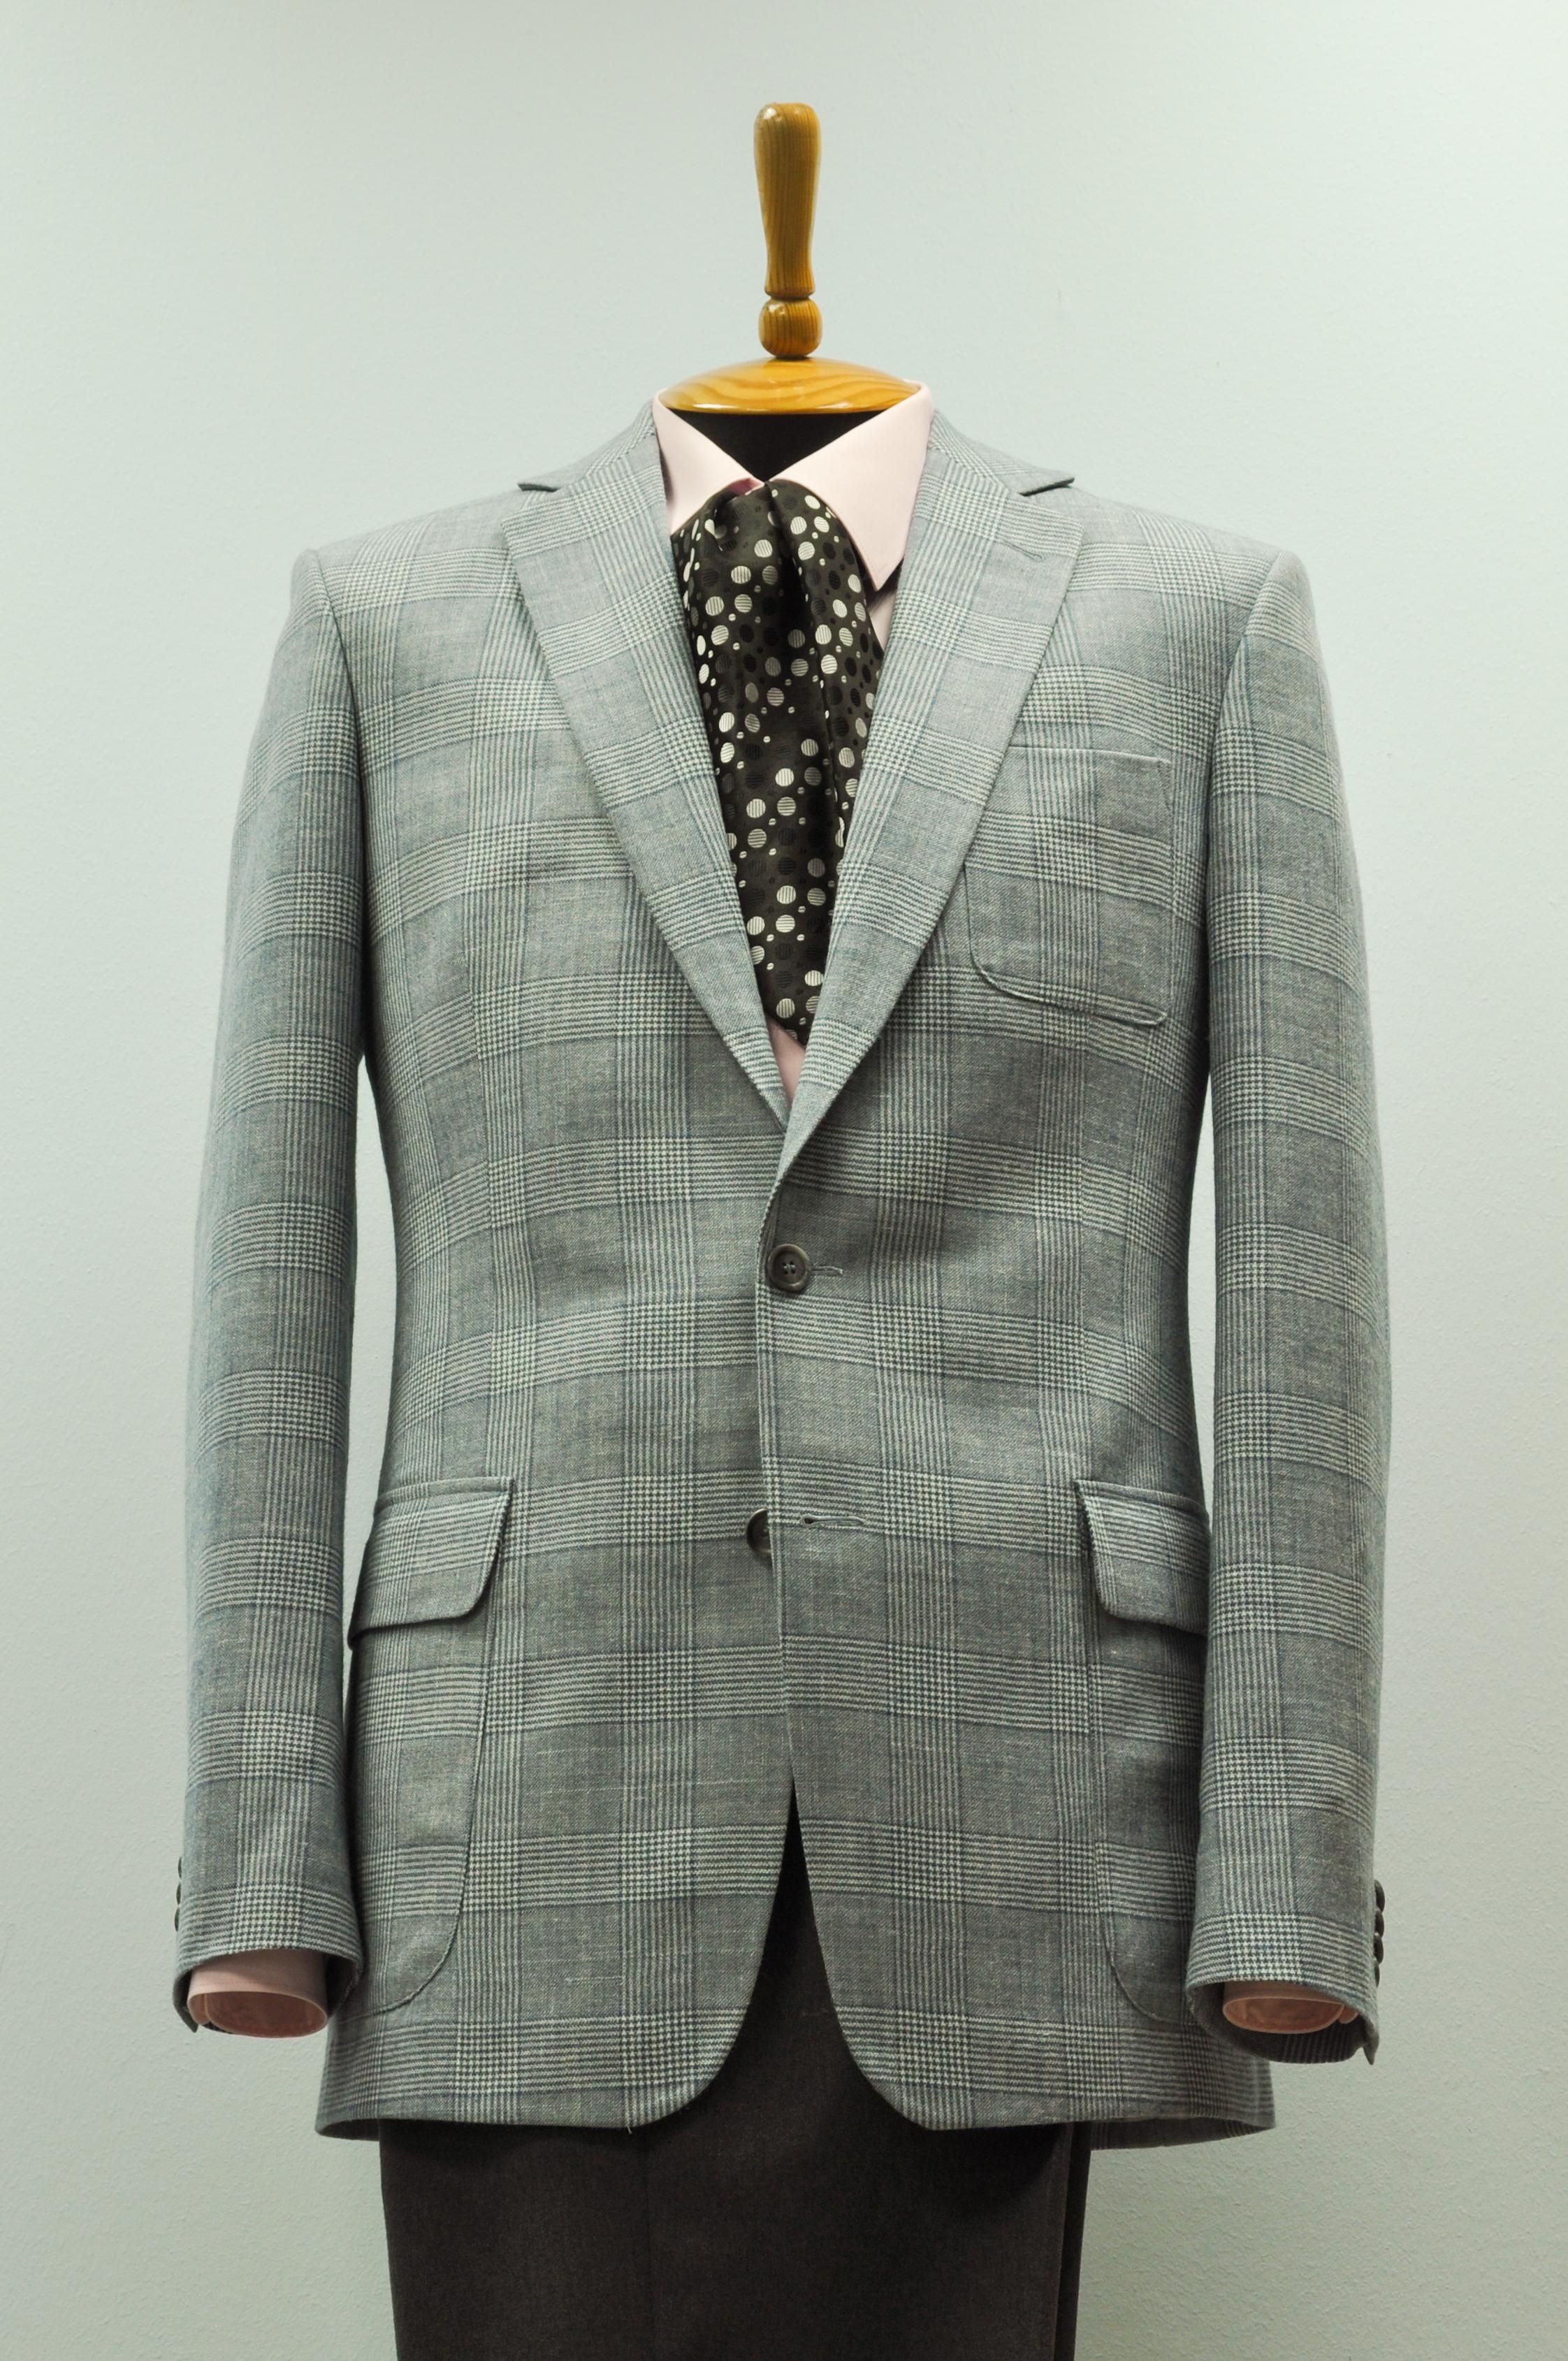 Пошив мужских костюмов на заказ. Где пошить и сколько он стоит? 88